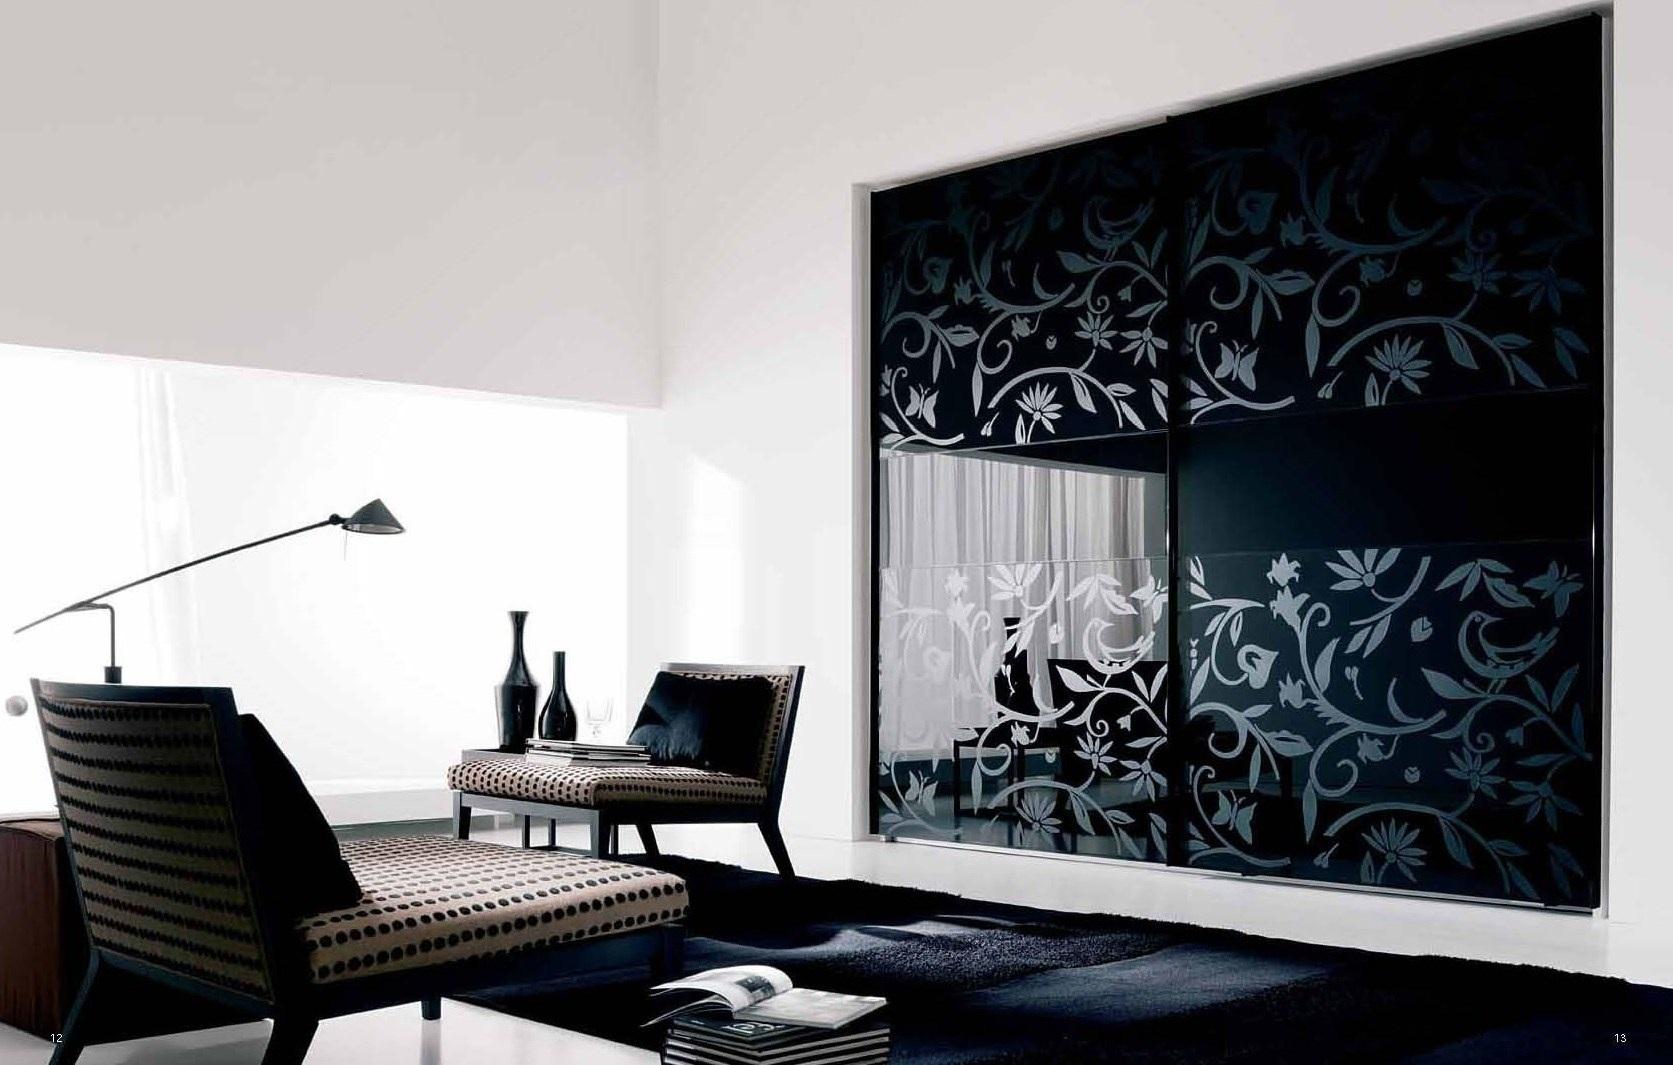 تصاميم غرف نوم مودرن بالزجاج المطبوع المميز | المرسال